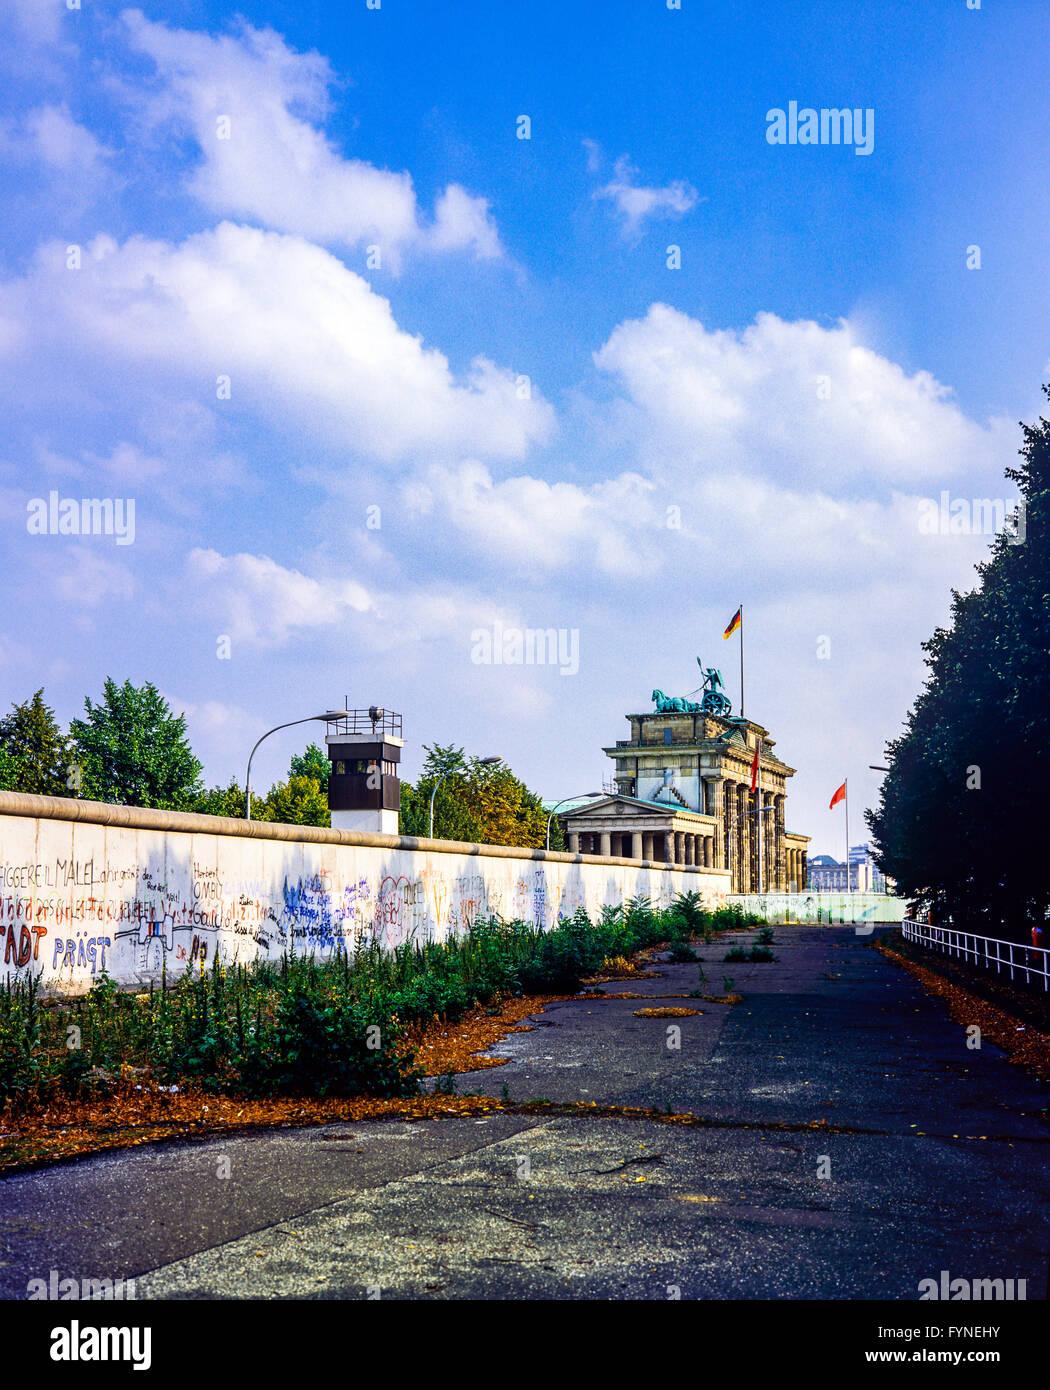 Agosto de 1986, el muro de Berlín y East-Berlin atalaya situada junto a la Puerta de Brandenburgo, Berlín Imagen De Stock